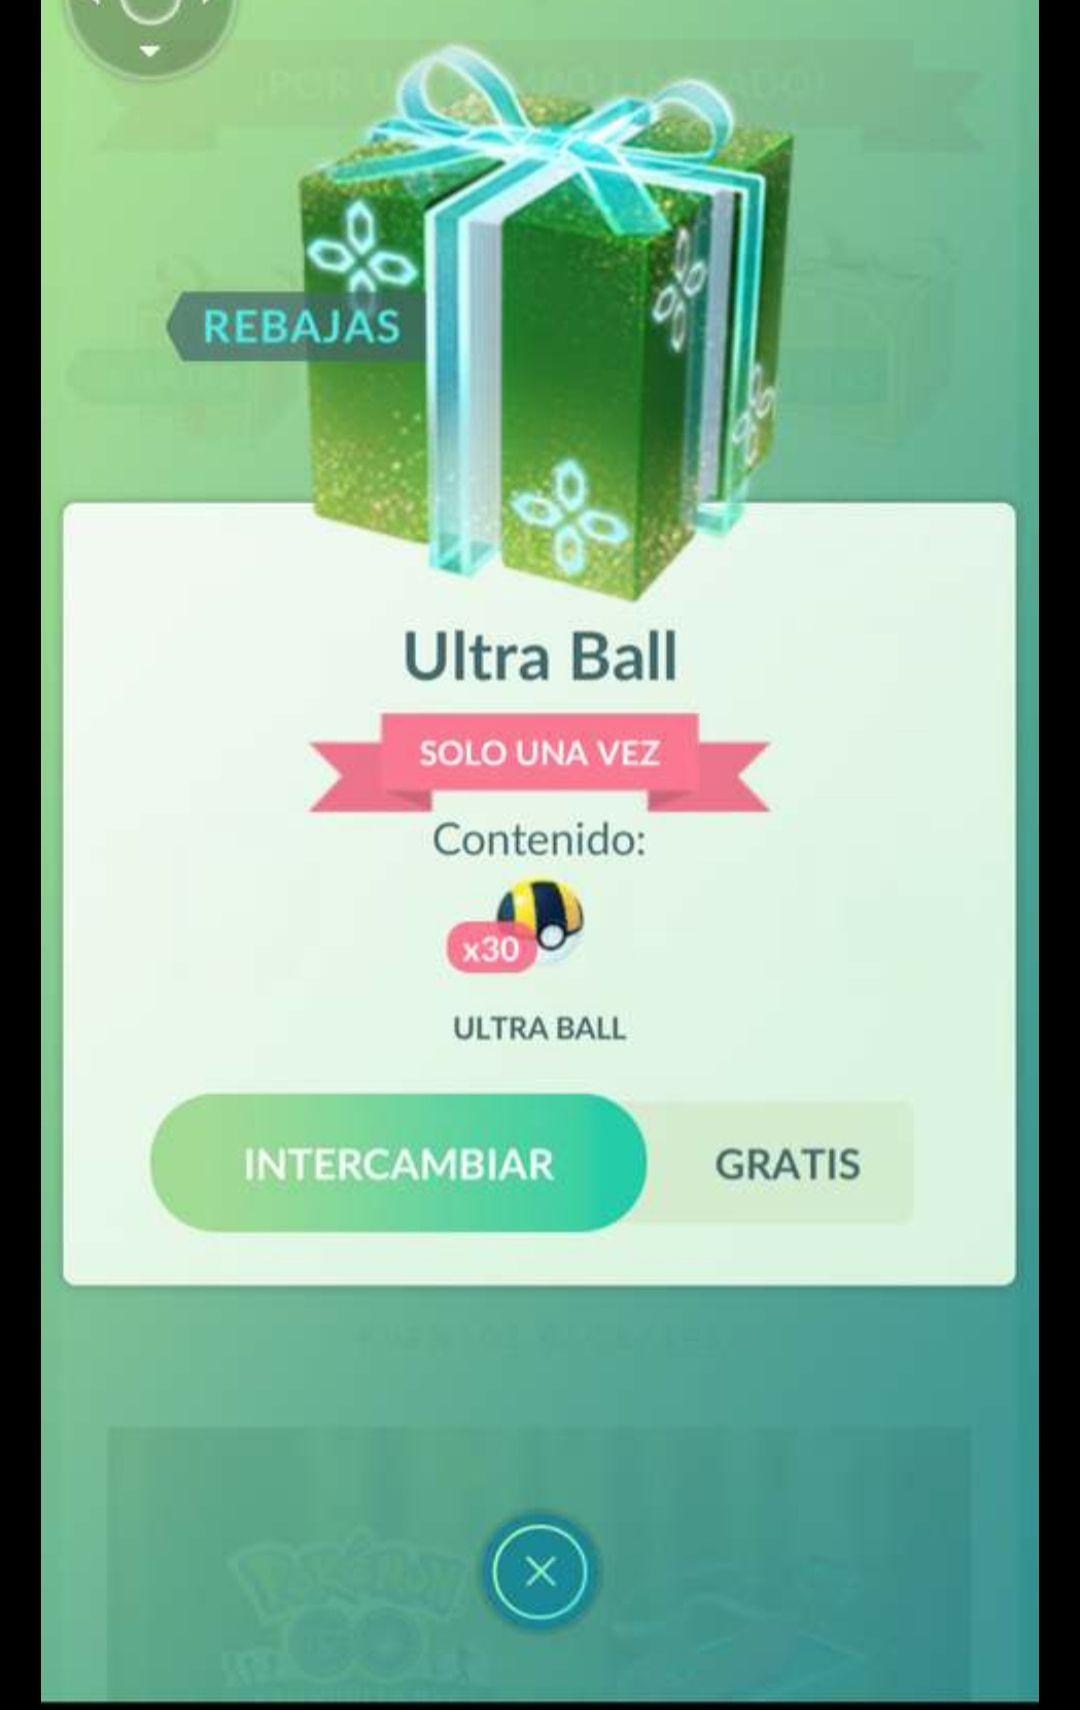 Pókemon Go: Ultra ball gratis